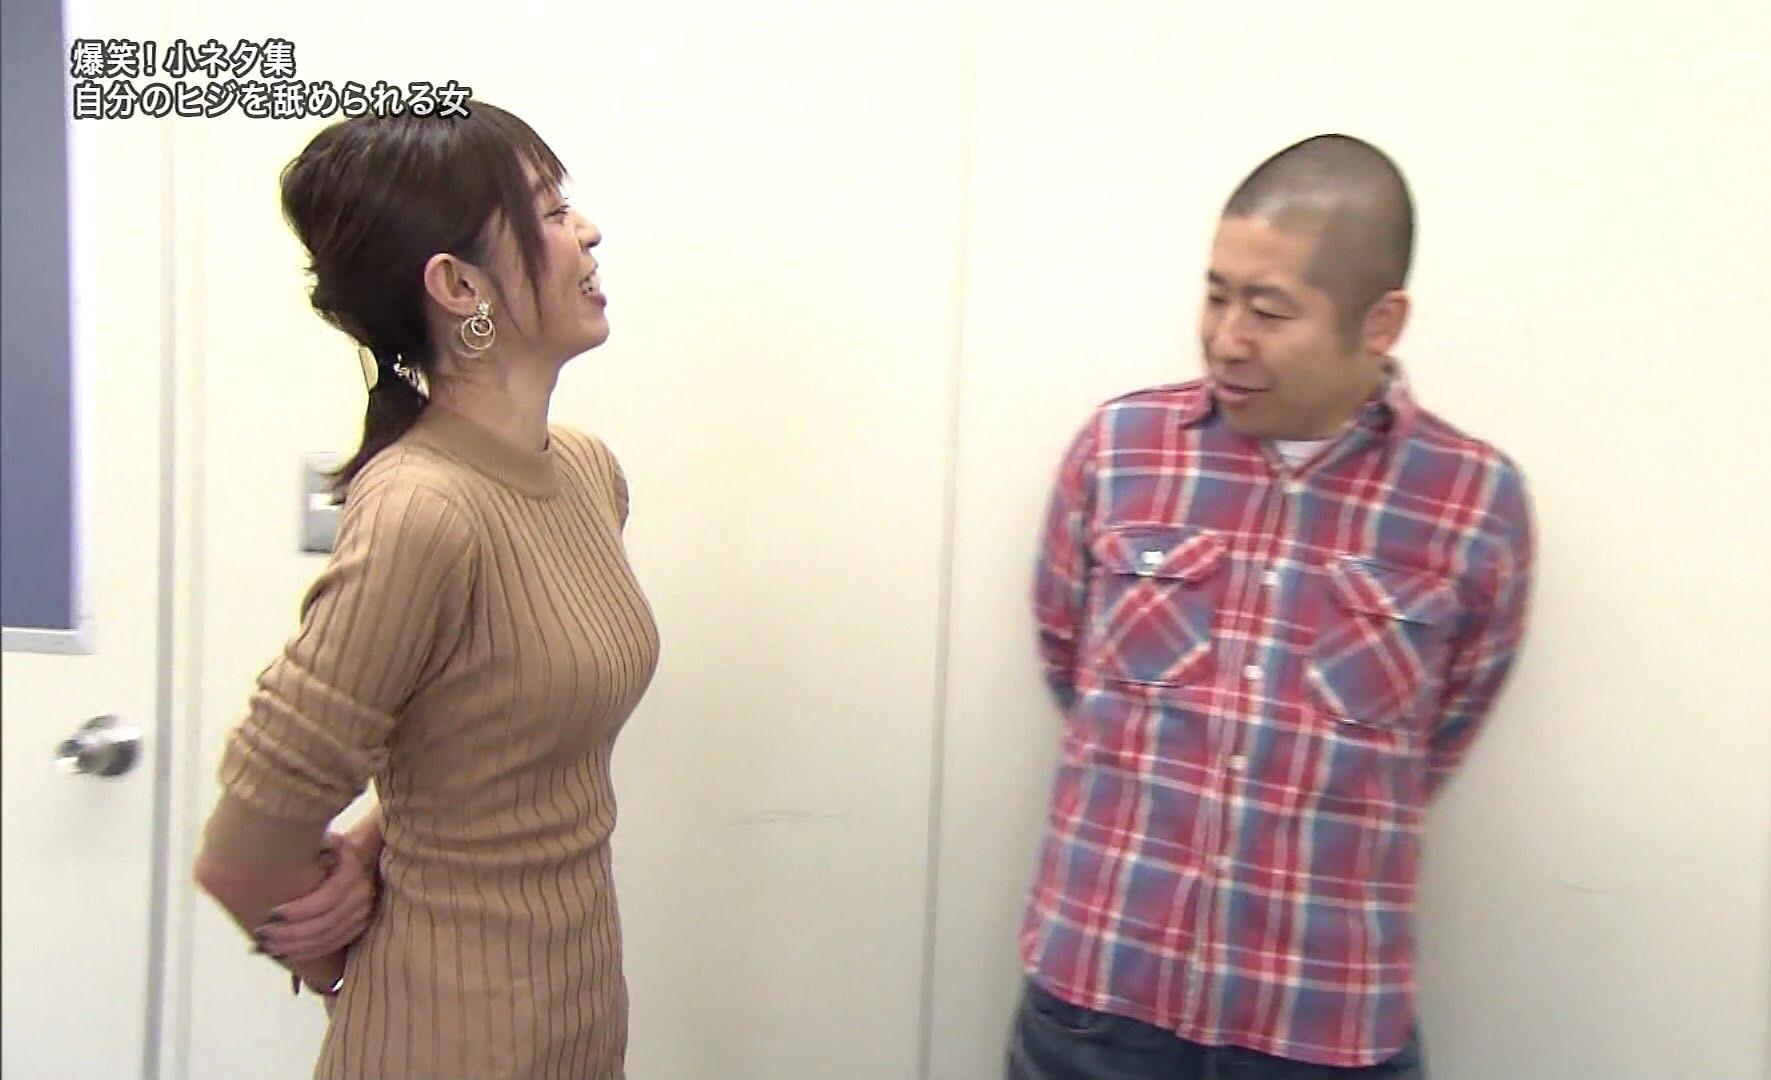 アラフォー素人のセルフ肘舐め (2)